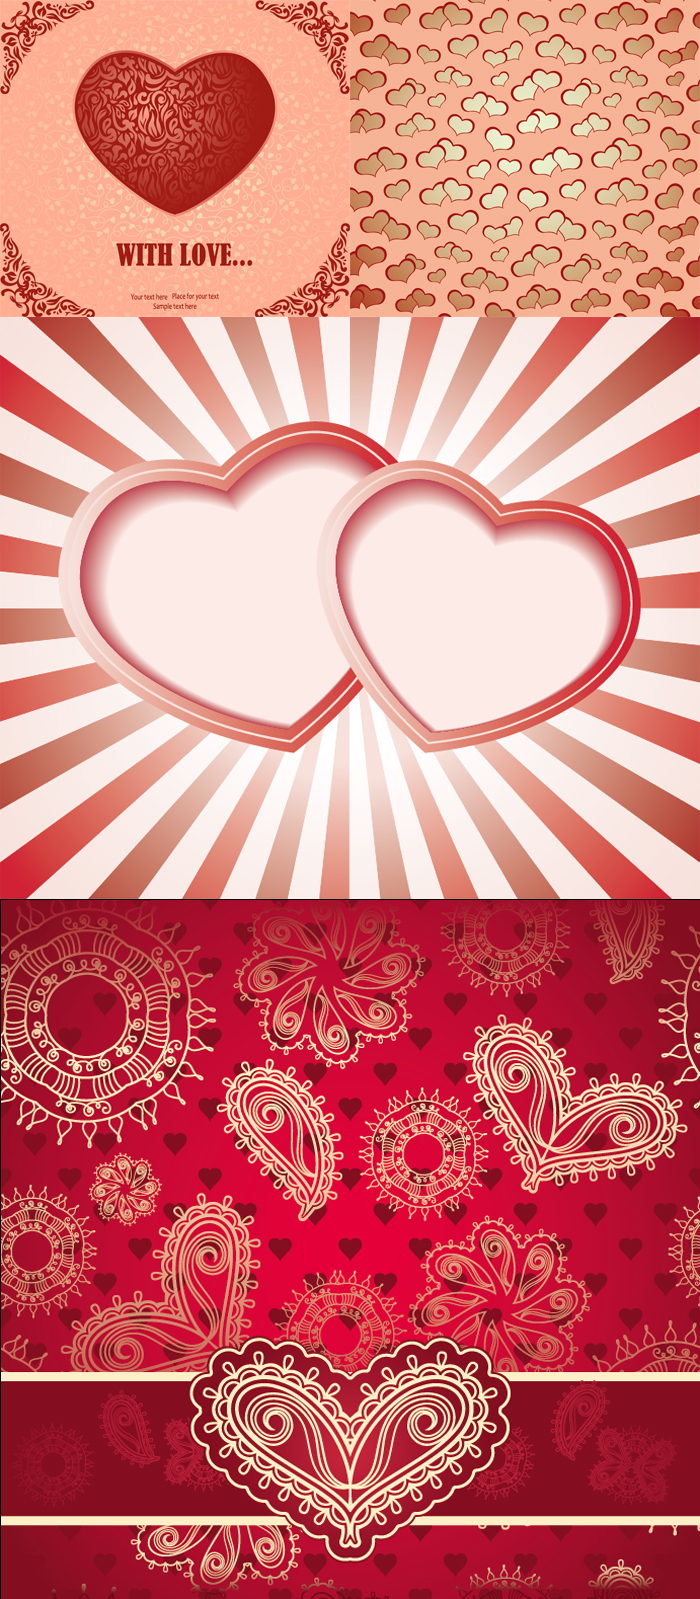 复古爱心卡片背景矢量素材